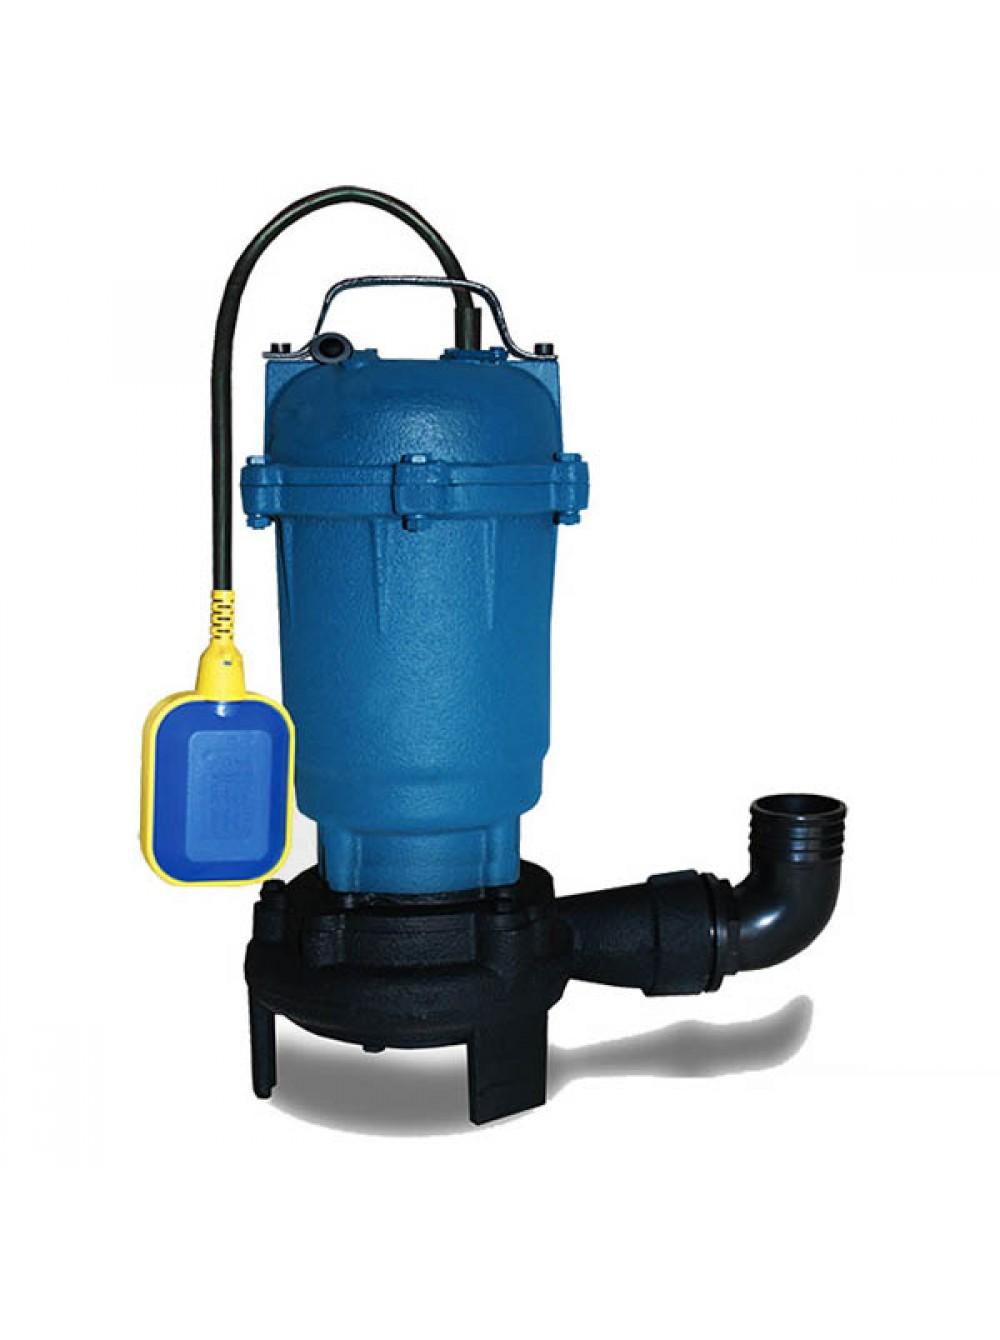 Фекальный насос для откачки канализации в домашних условиях